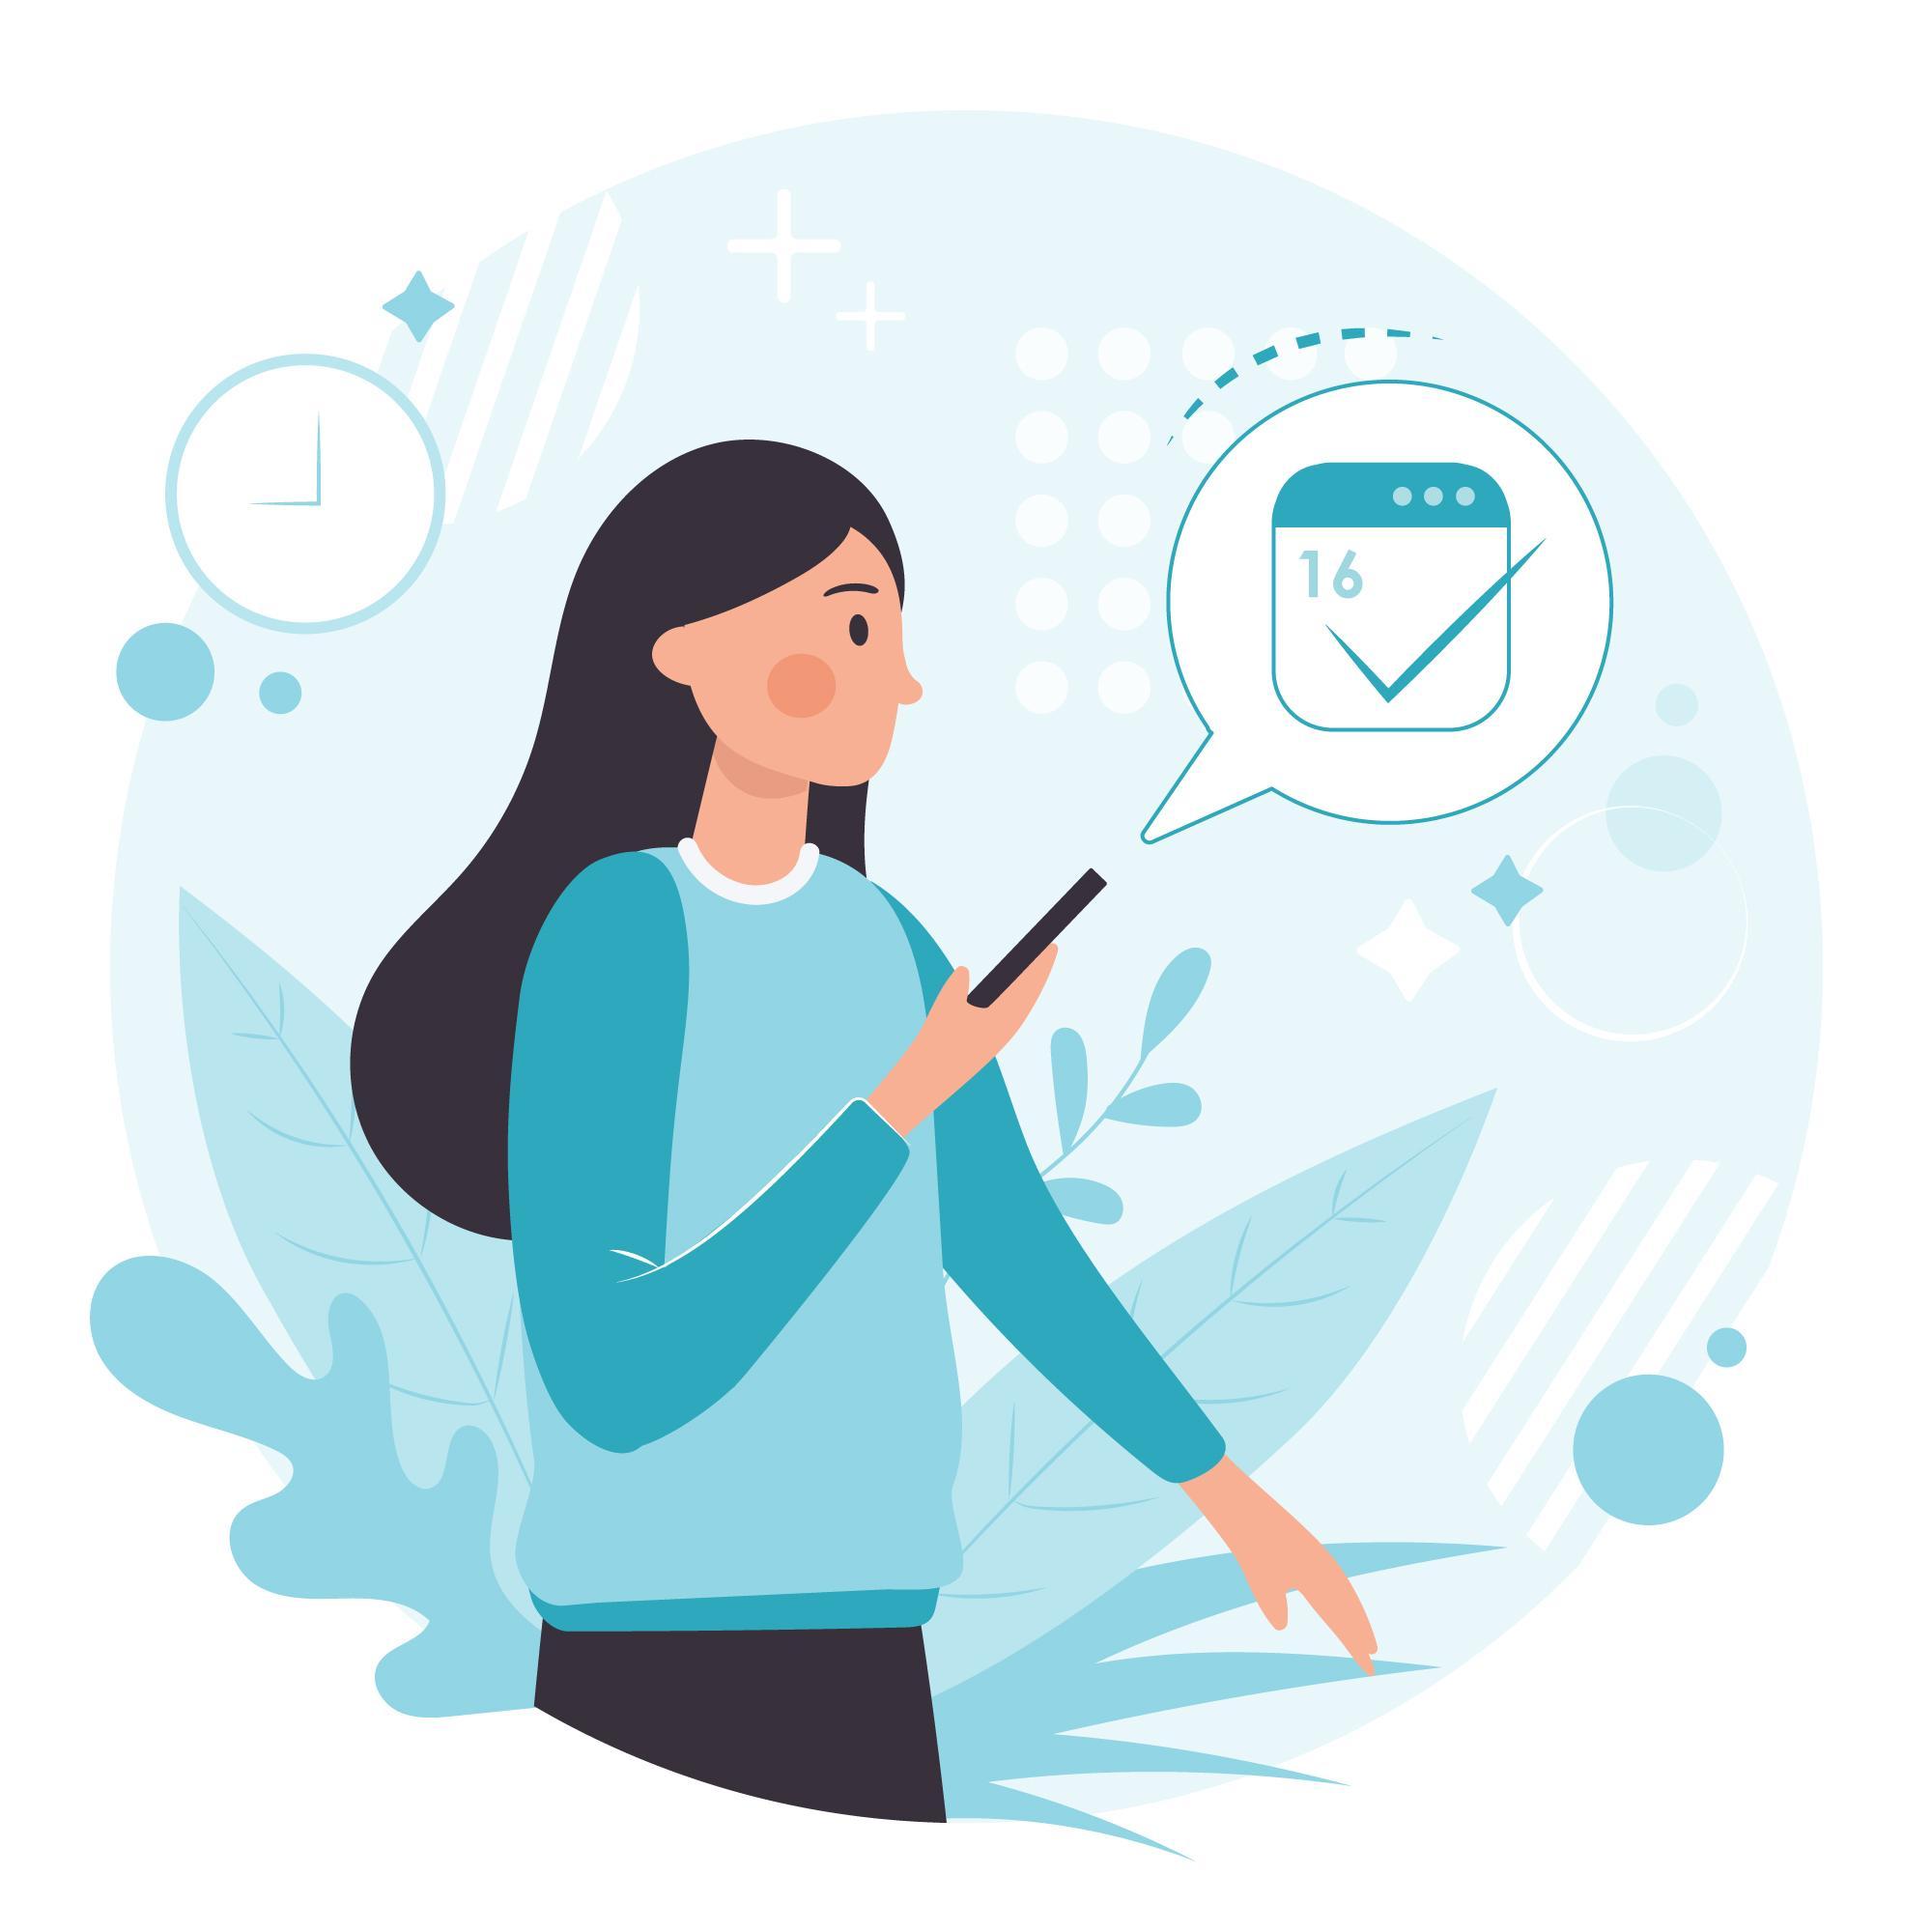 3962578 - رابط کاربری و 5 اصل بهینهسازی آن